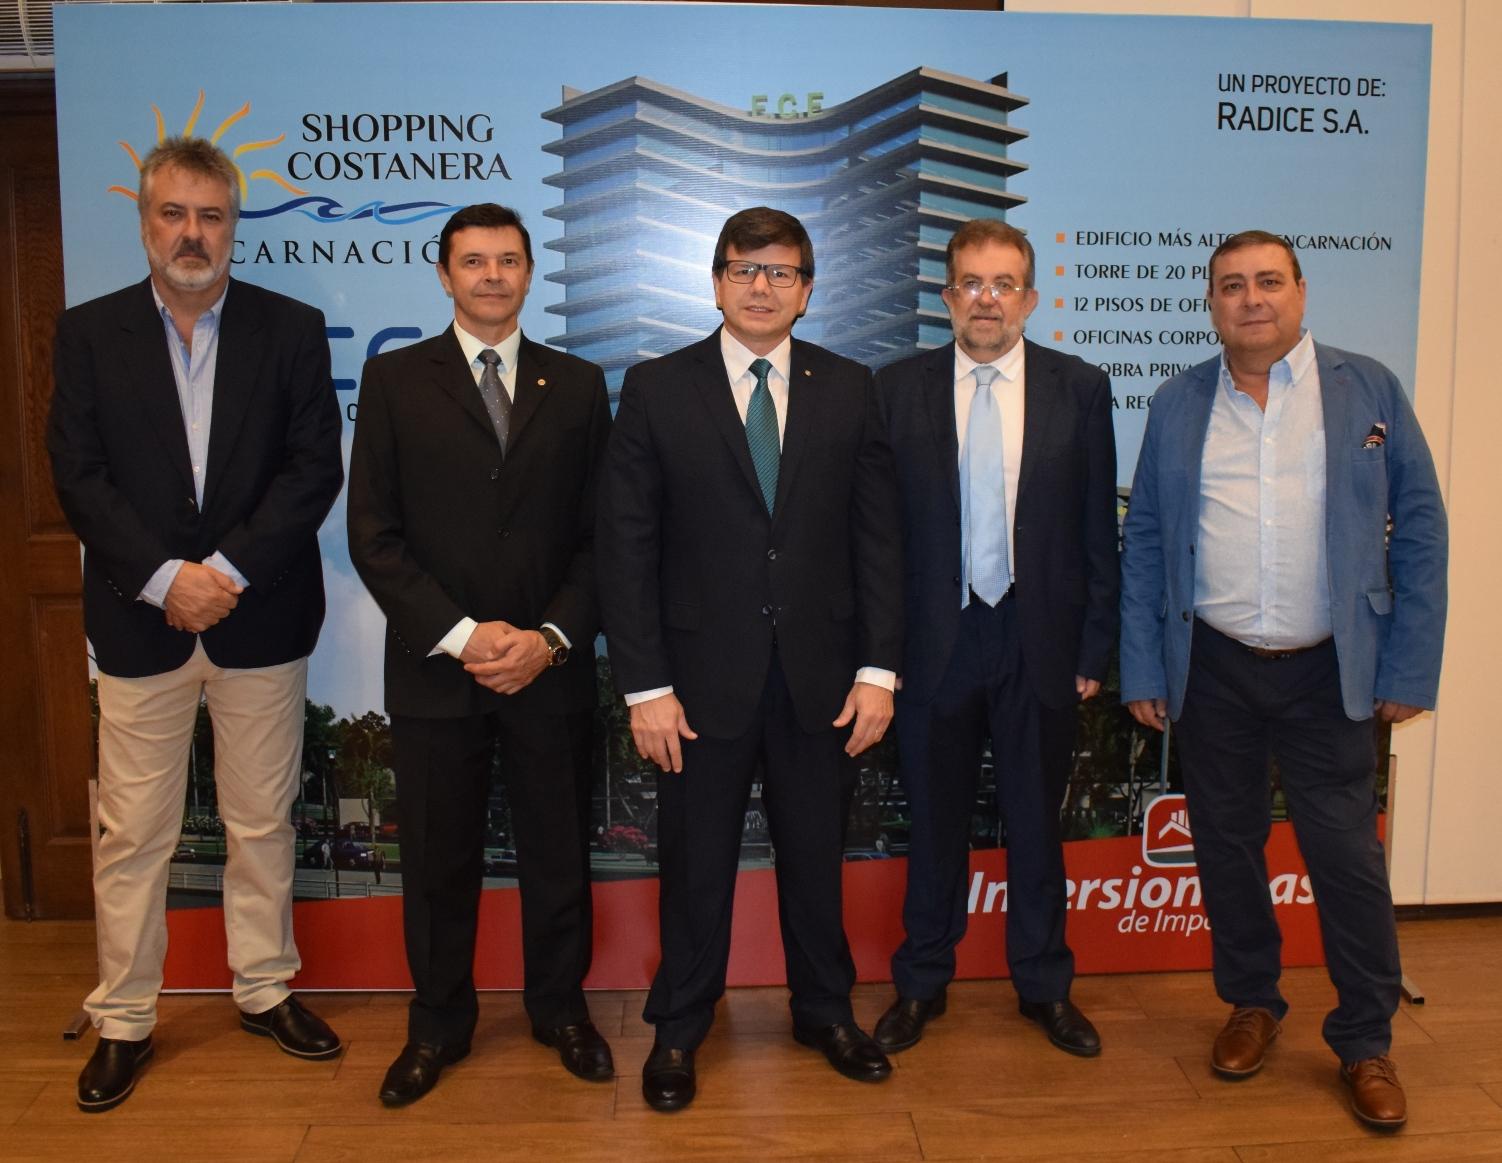 Bolivia y Paraguay lanzan el mega proyecto  Shopping Costanera & Executive Center – Encarnación